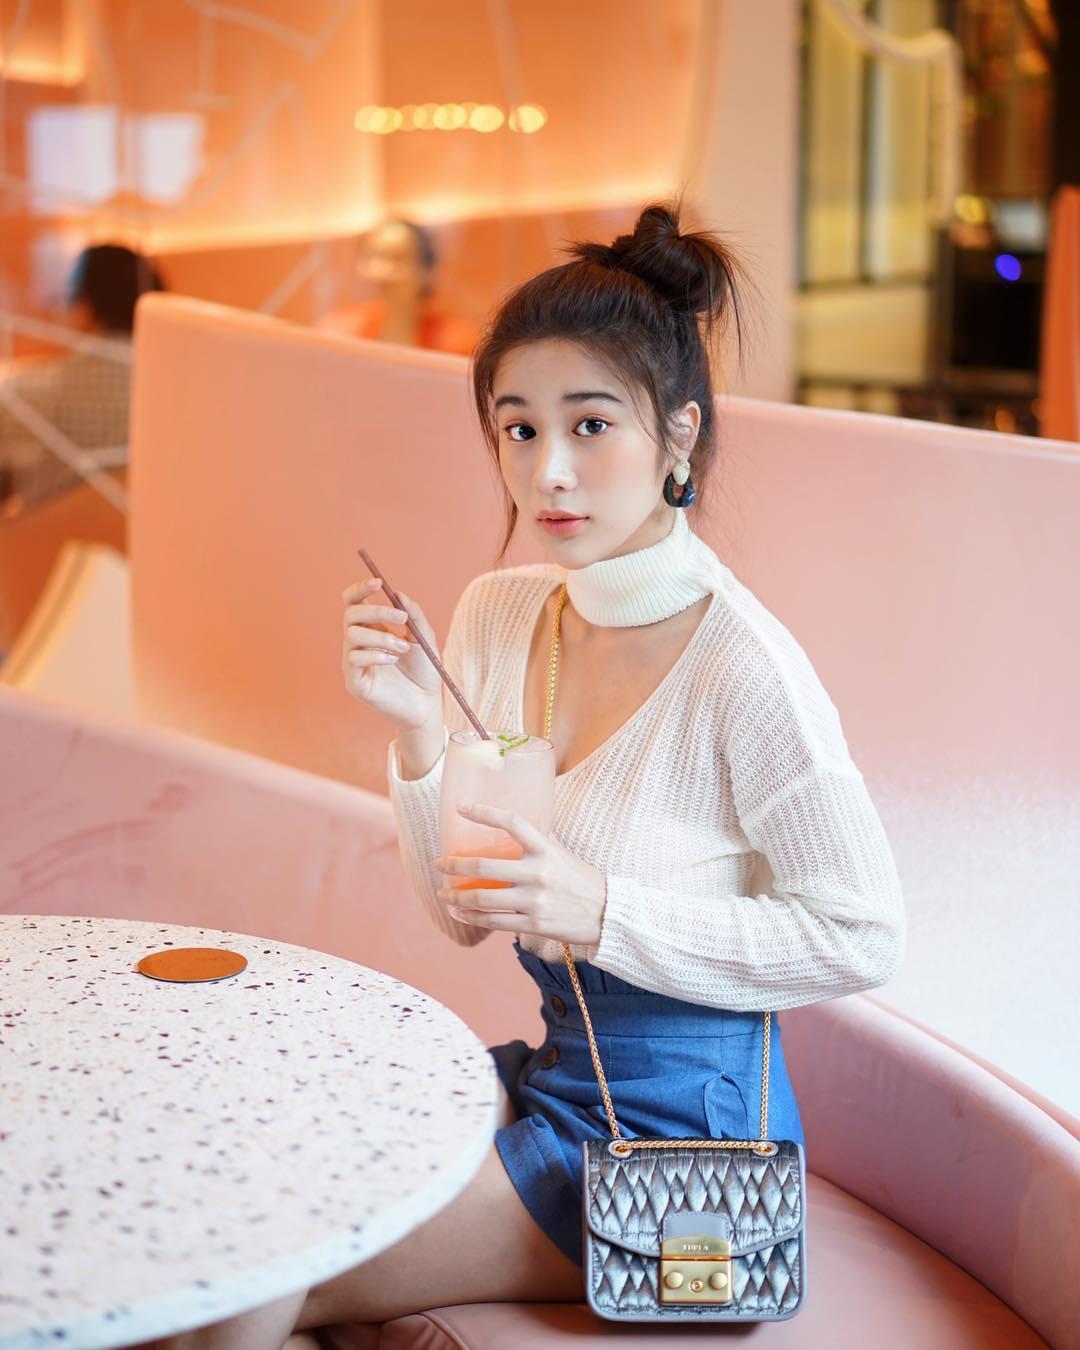 5 xu hướng tóc hot hit của năm 2019: quá bán đều đã được con gái Việt diện từ sớm, mới mẻ nhất là màu nhuộm tím lilac sương khói - Ảnh 4.